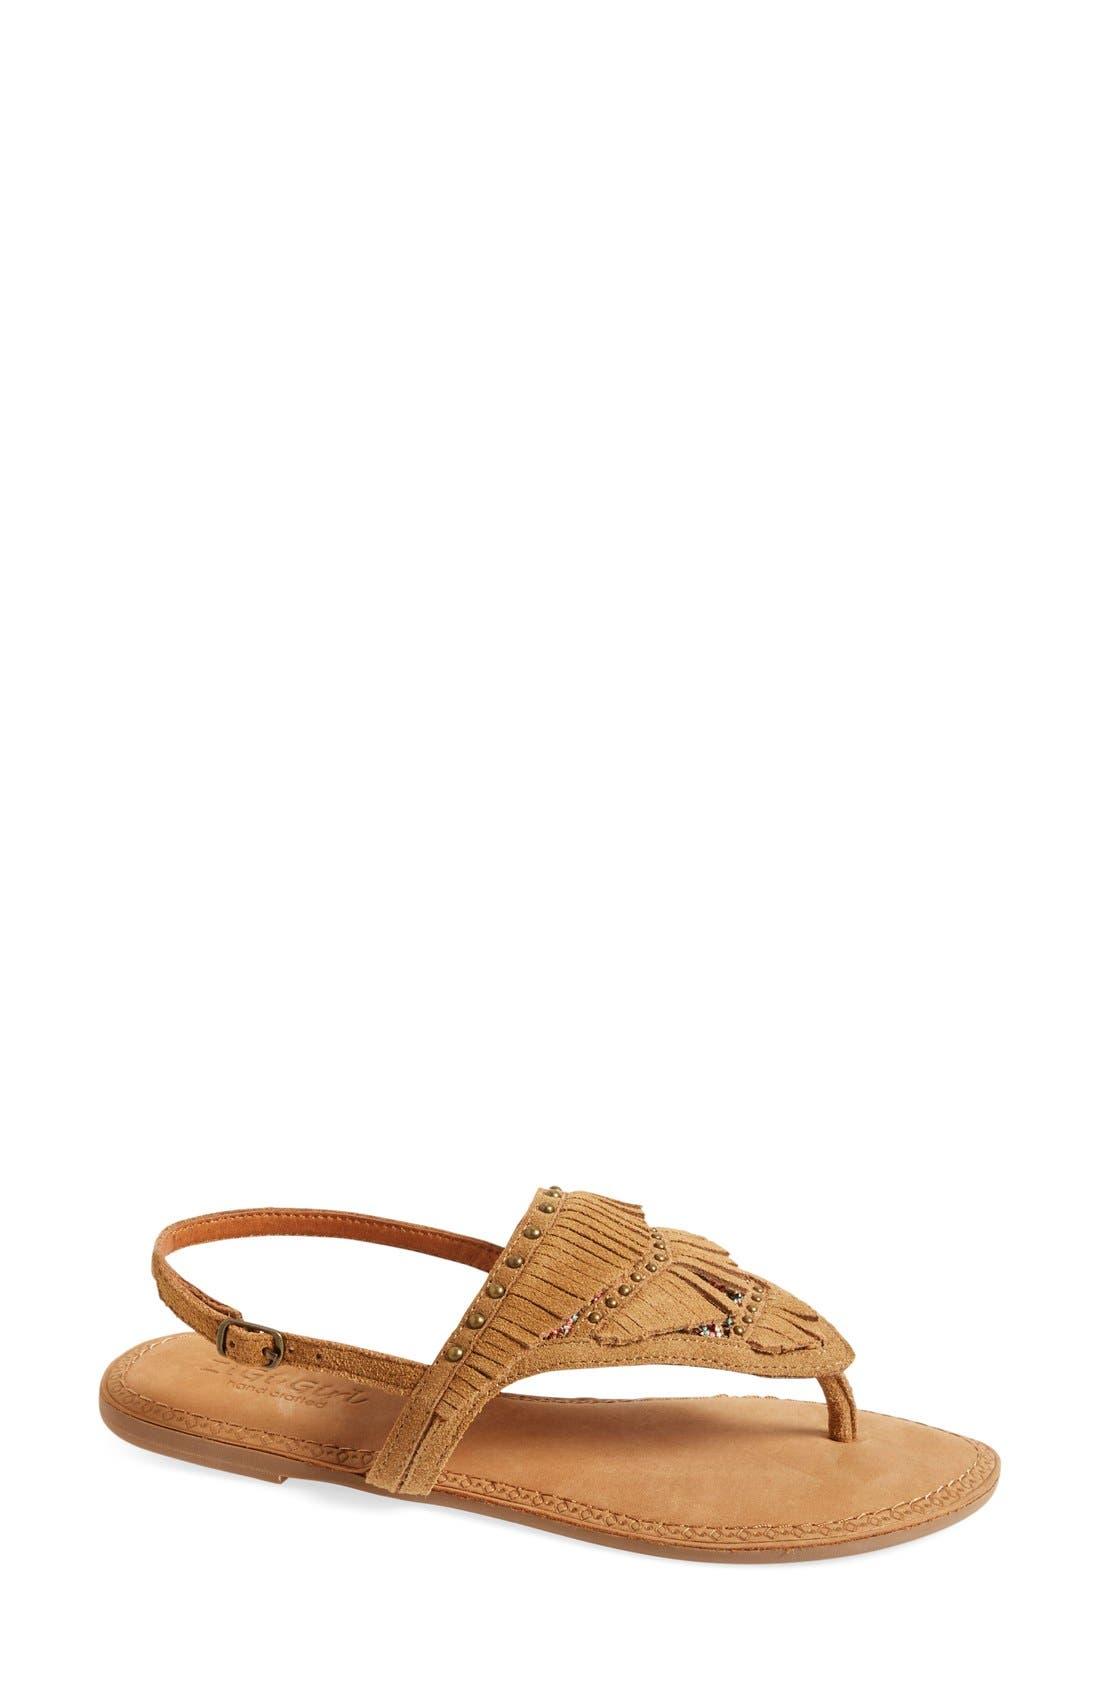 Alternate Image 1 Selected - ZiGi girl 'Farza' Embellished Fringe Flat Sandal (Women)